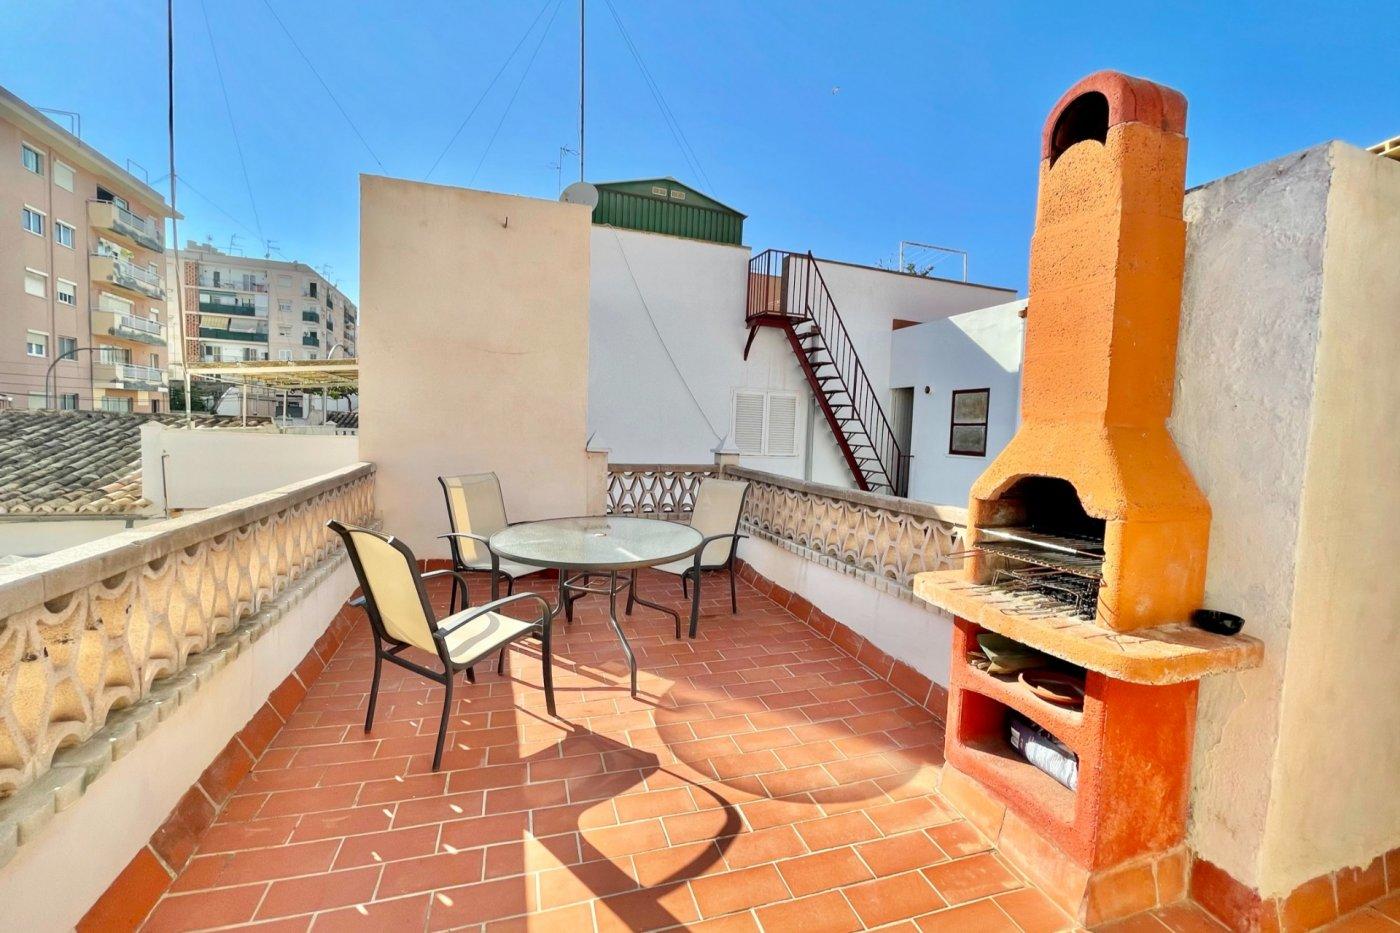 Piso amueblado de 57 m² de superficie con balcón, terraza y barbacoa en la zona de son cot - imagenInmueble13